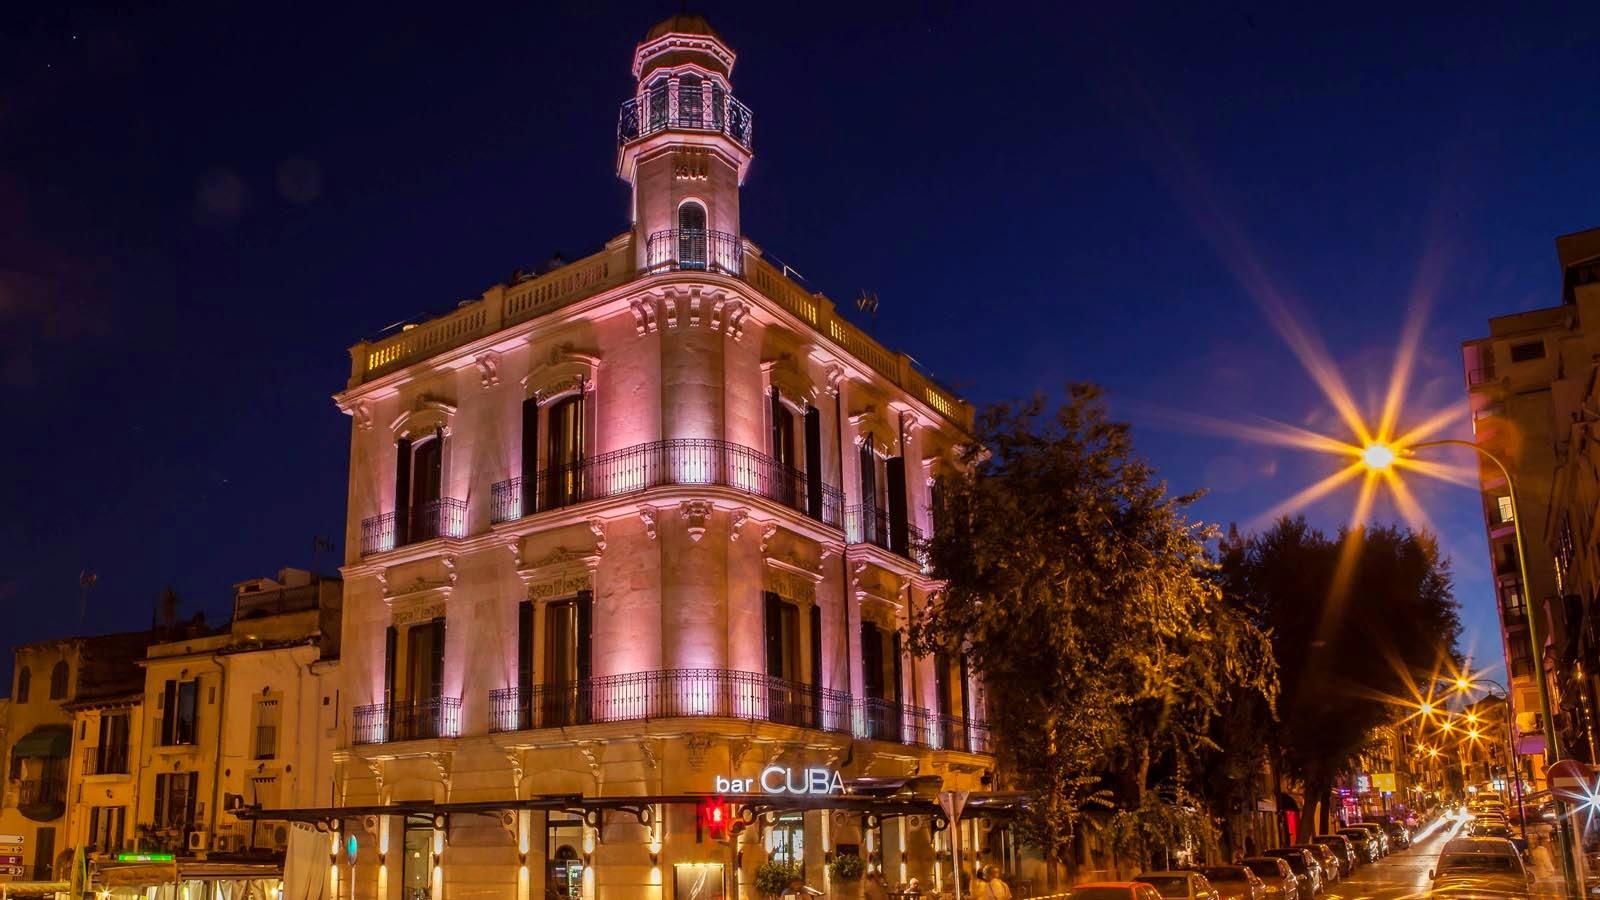 Orac decor espa a reforma de hotel hostal cuba 4 en - Reformas palma de mallorca ...